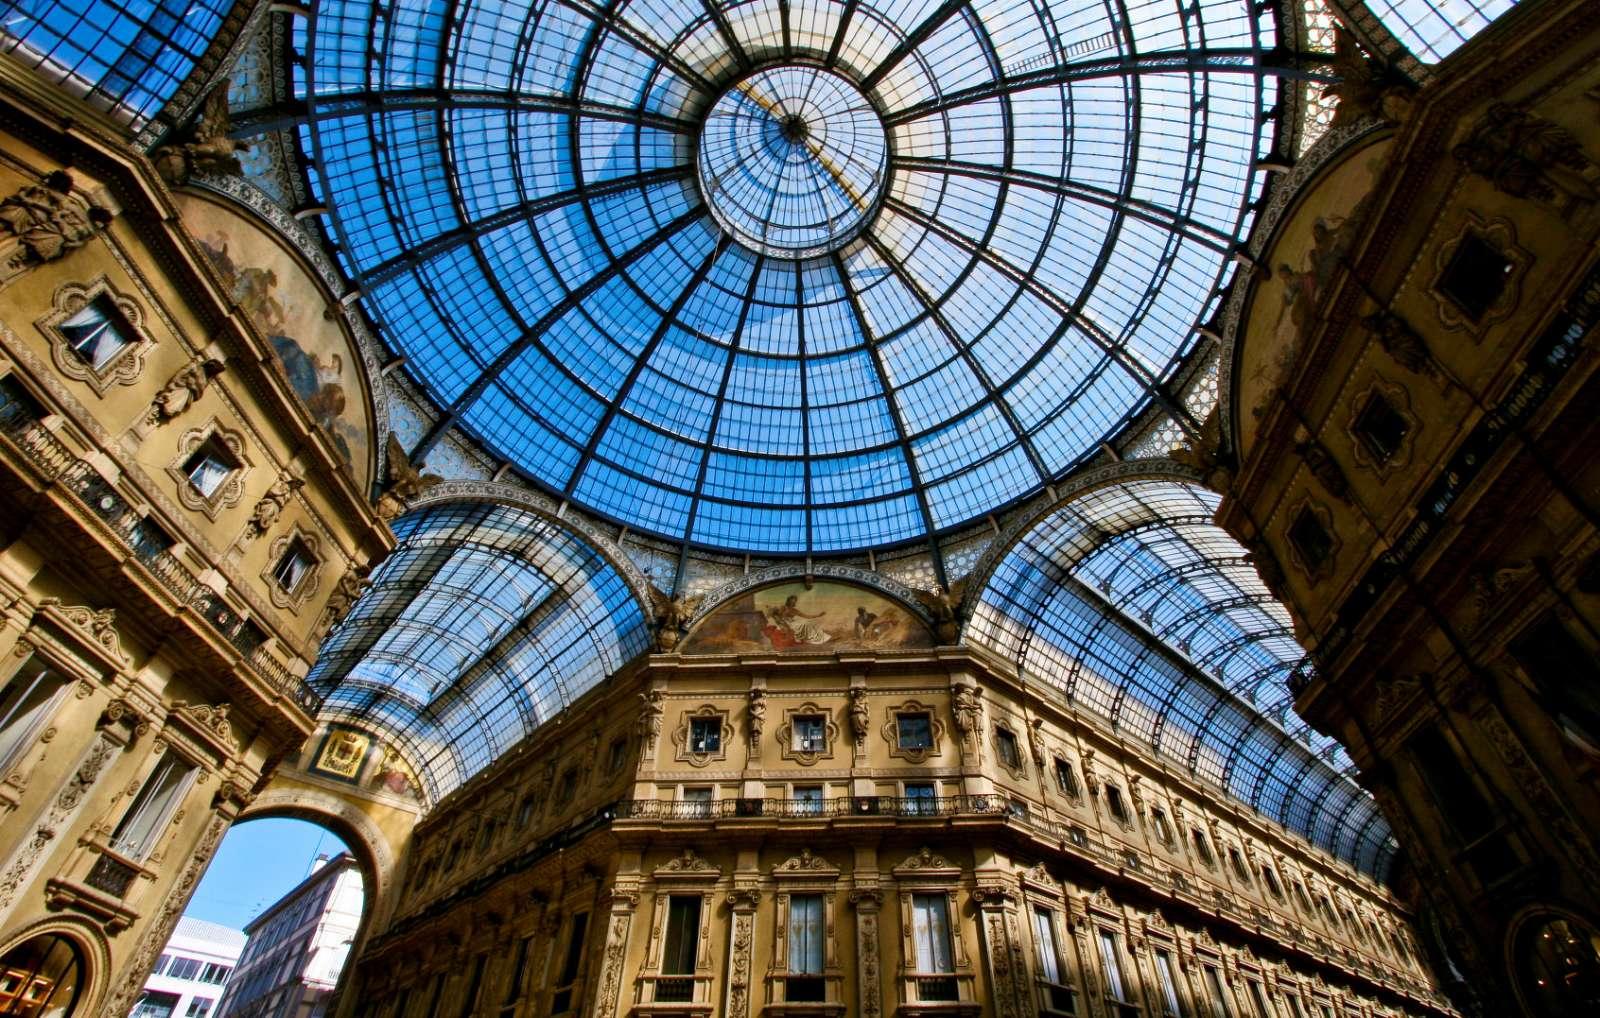 Milanos imponerende galleri, Galleria Vittorio Emanuele II